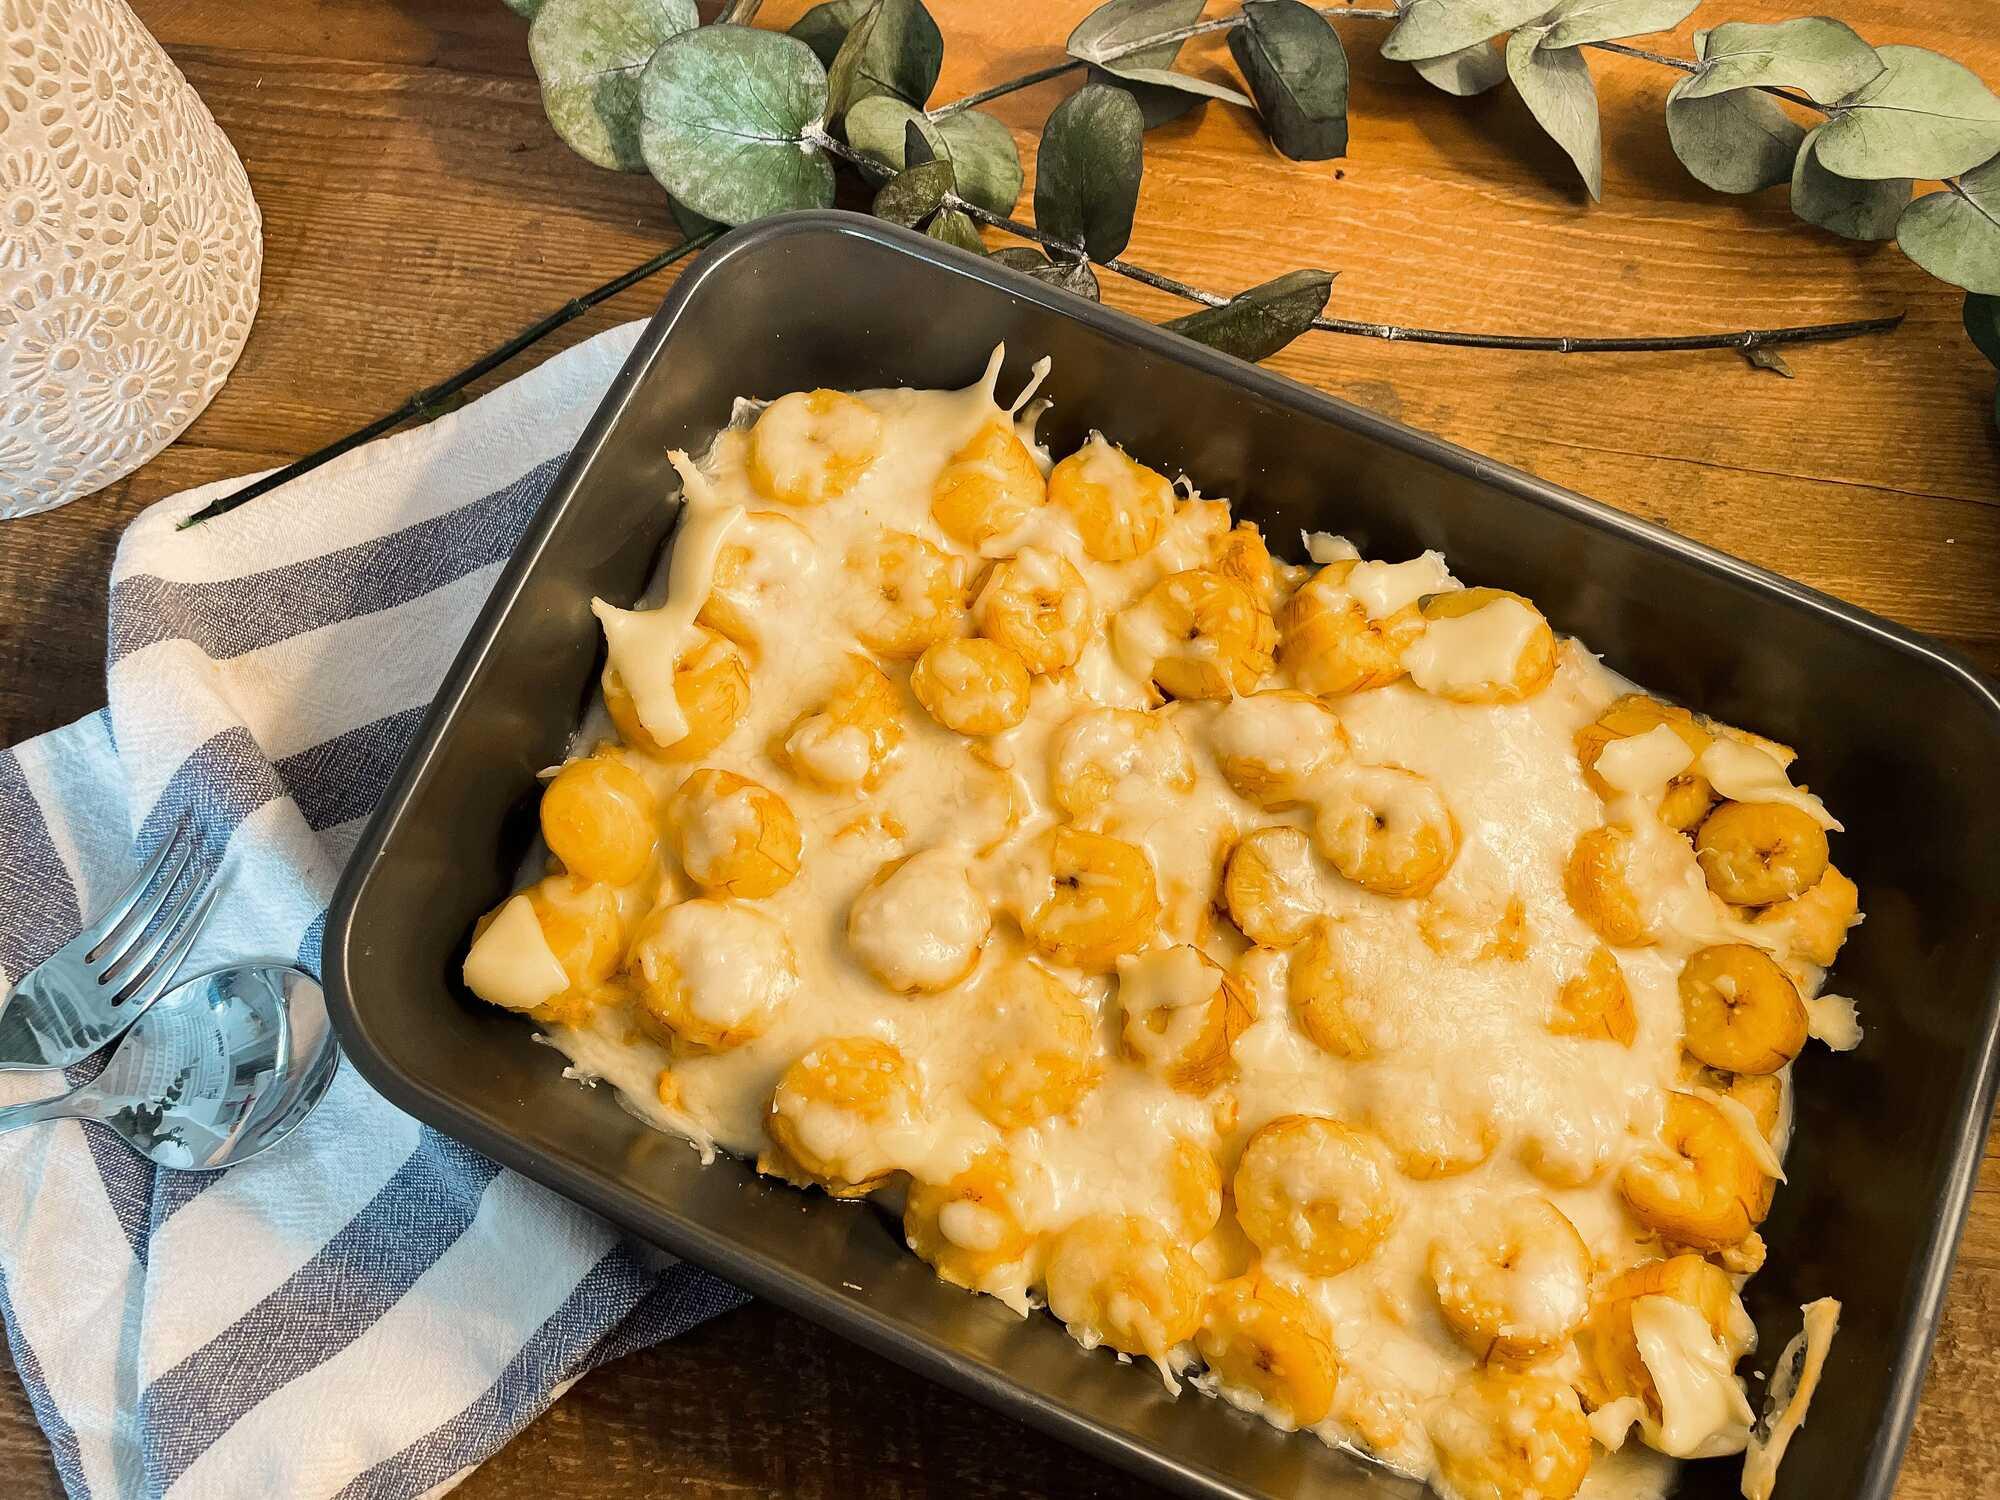 Présenté dans un plat à gratin. Sur son lit de filets de poulet, les bananes coupées en rondelles sont mélangées à la sauce Béchamel.